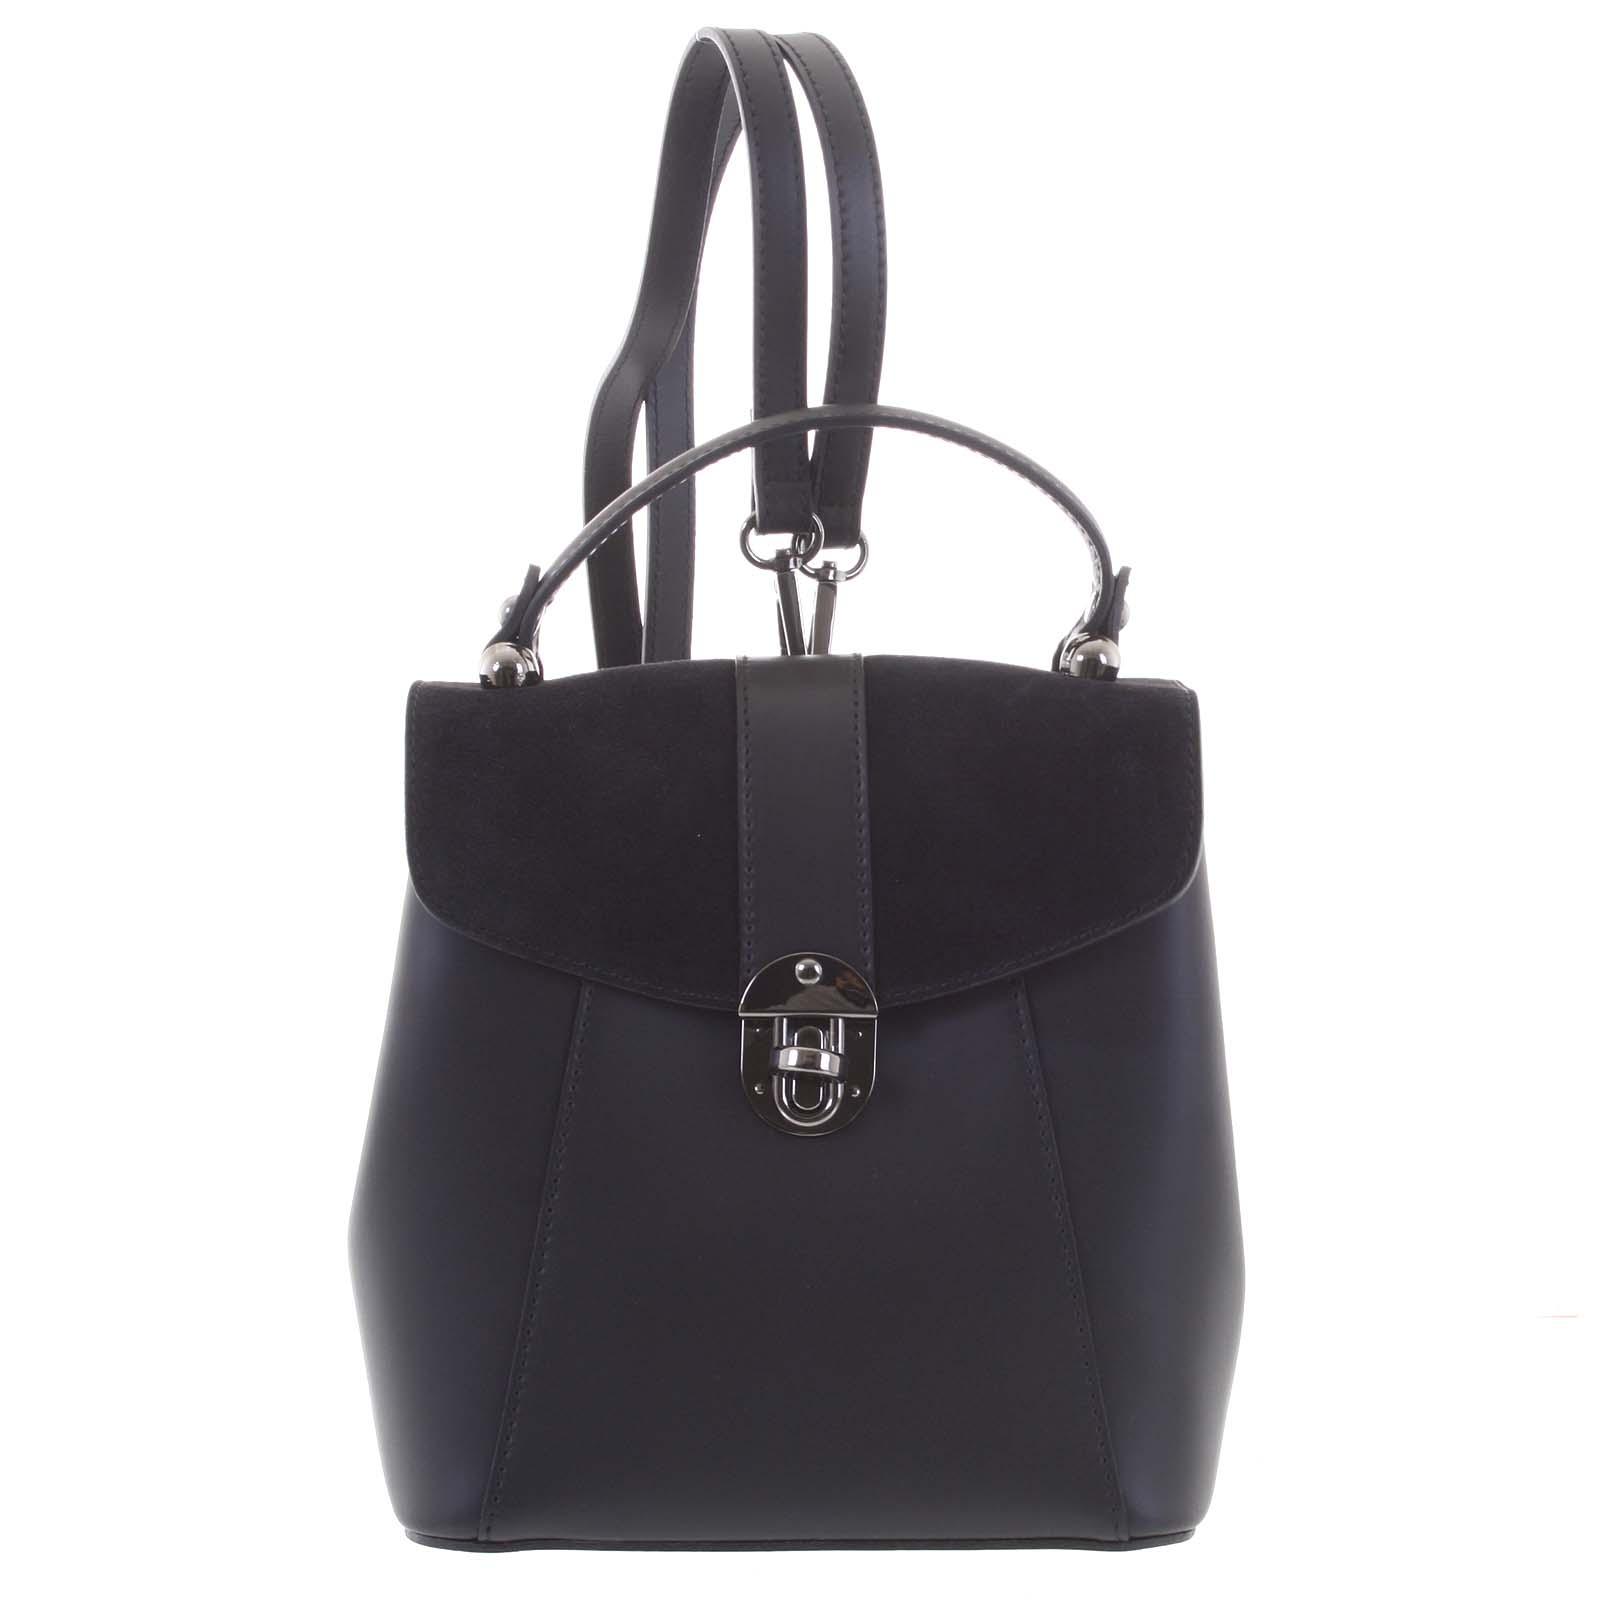 Dámský originální kožený černý batůžek/kabelka - ItalY Acnes